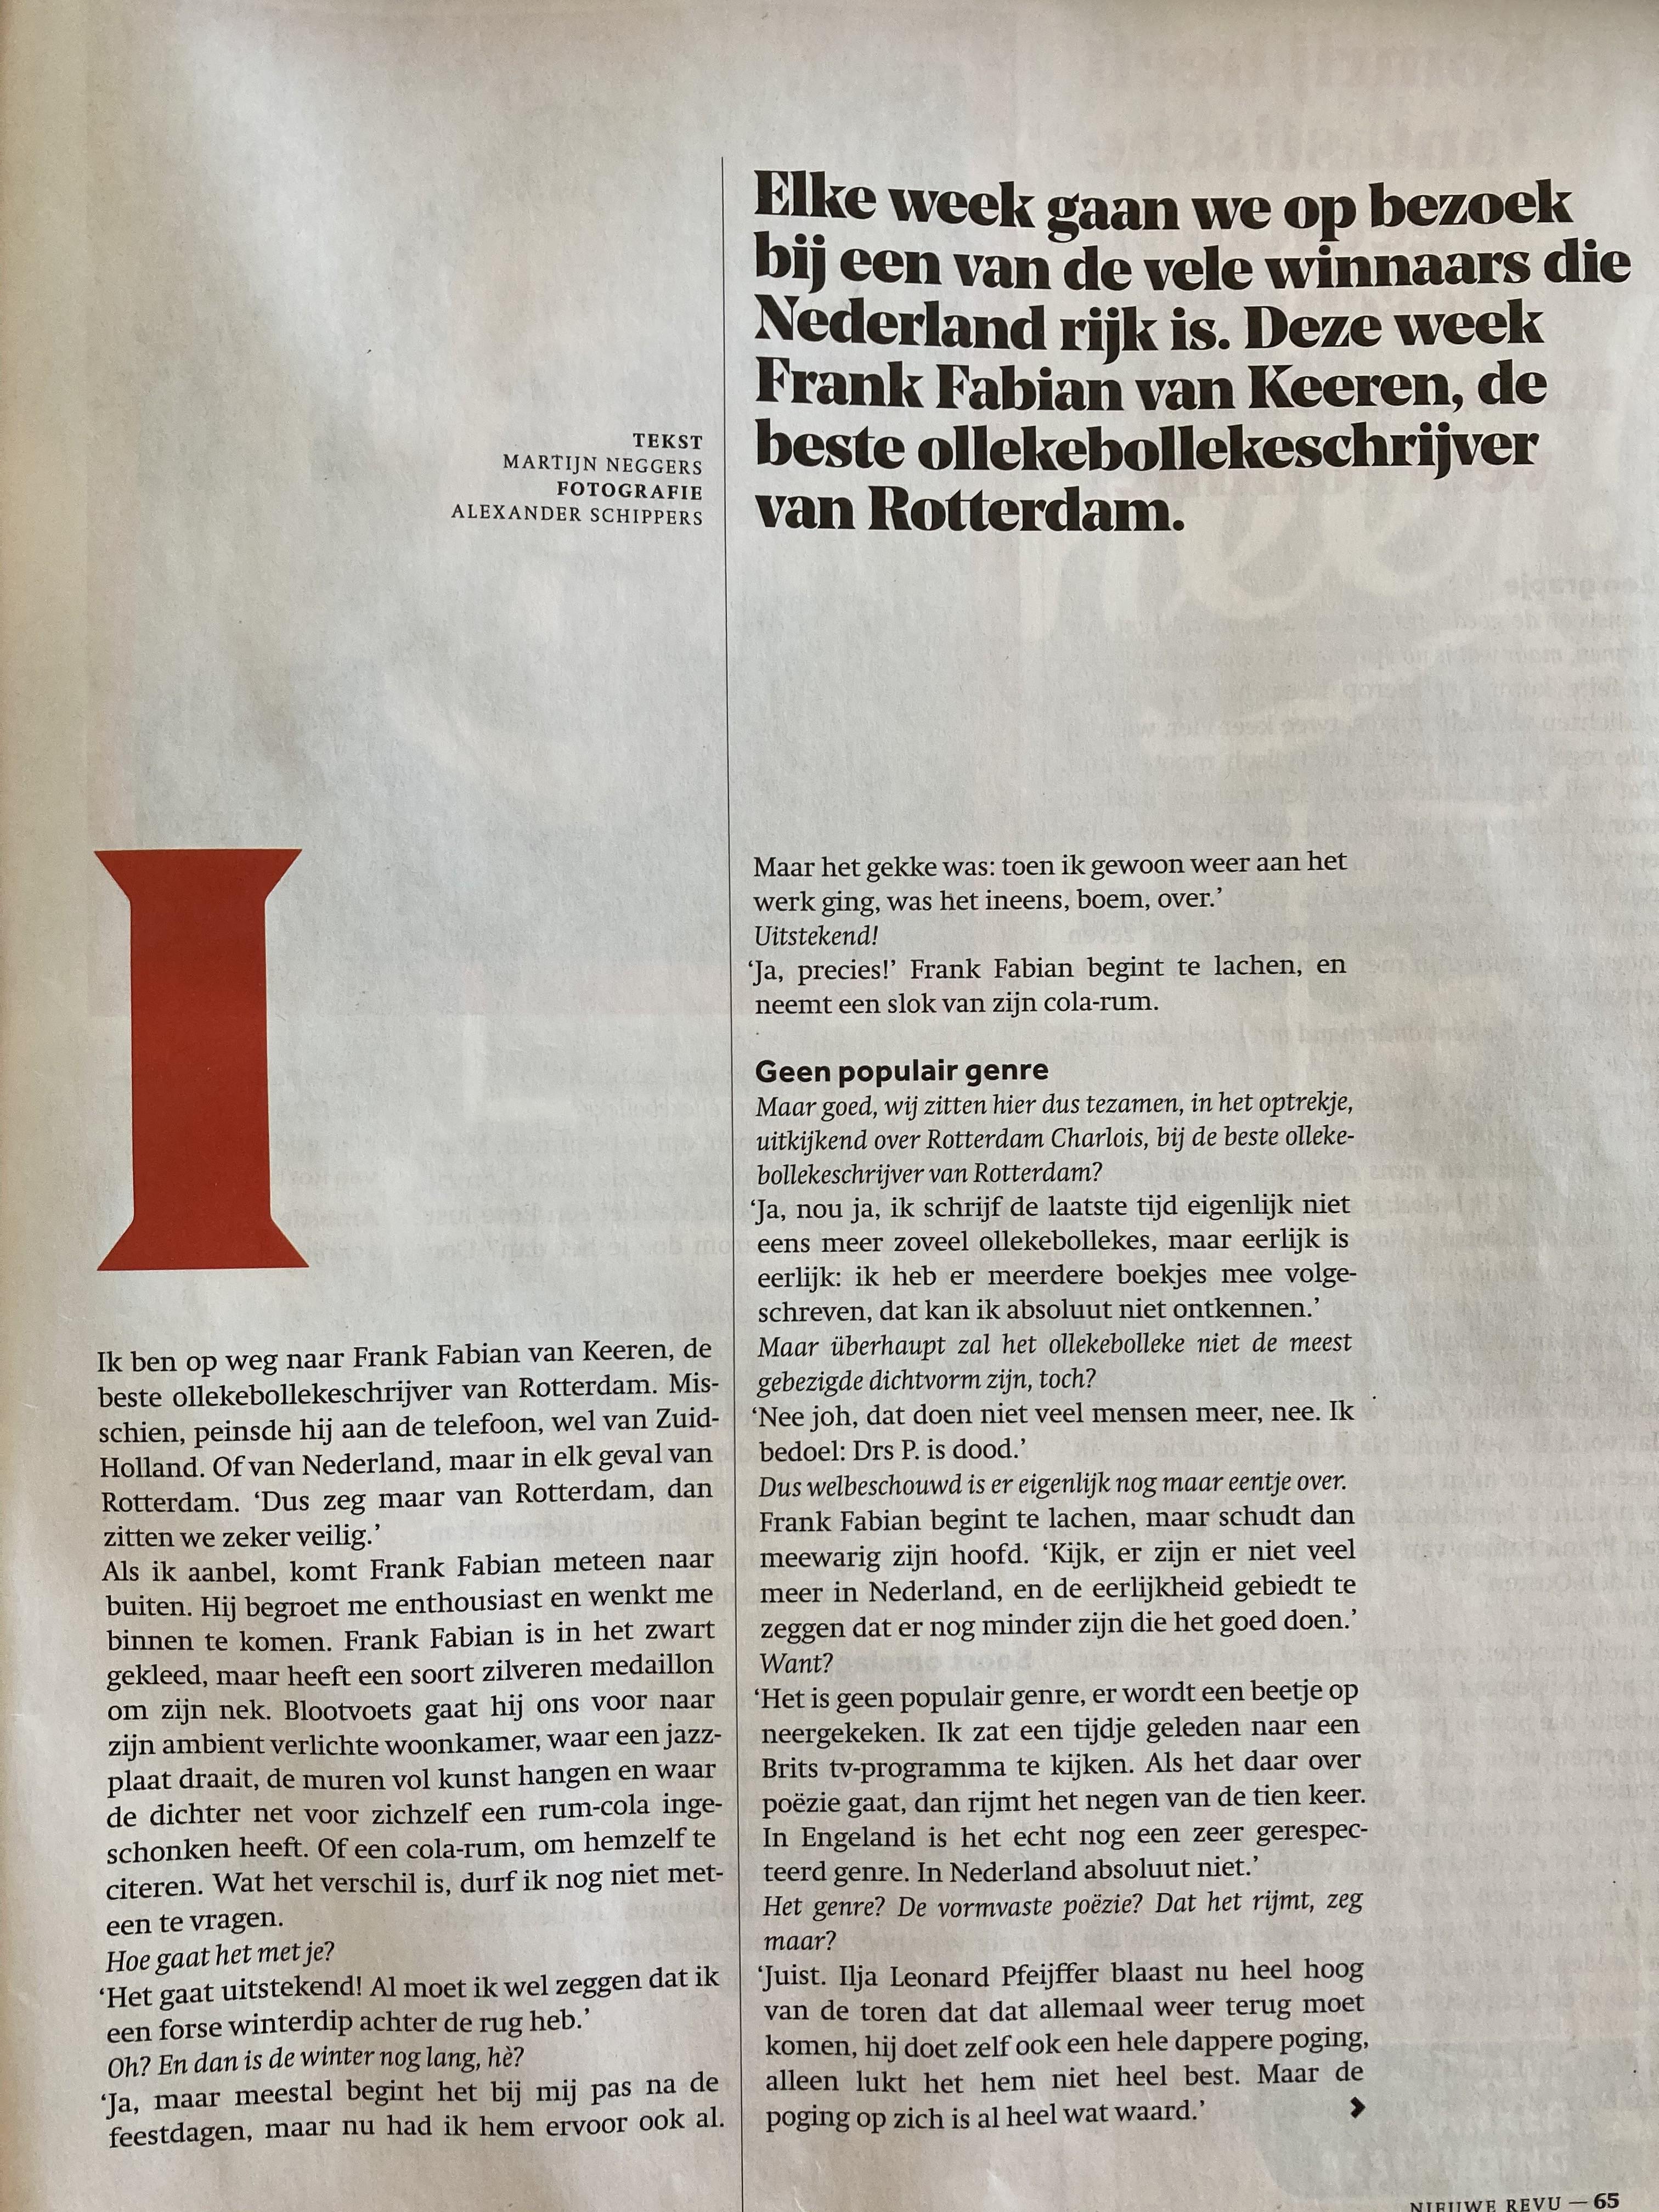 Interview Nieuwe Revu